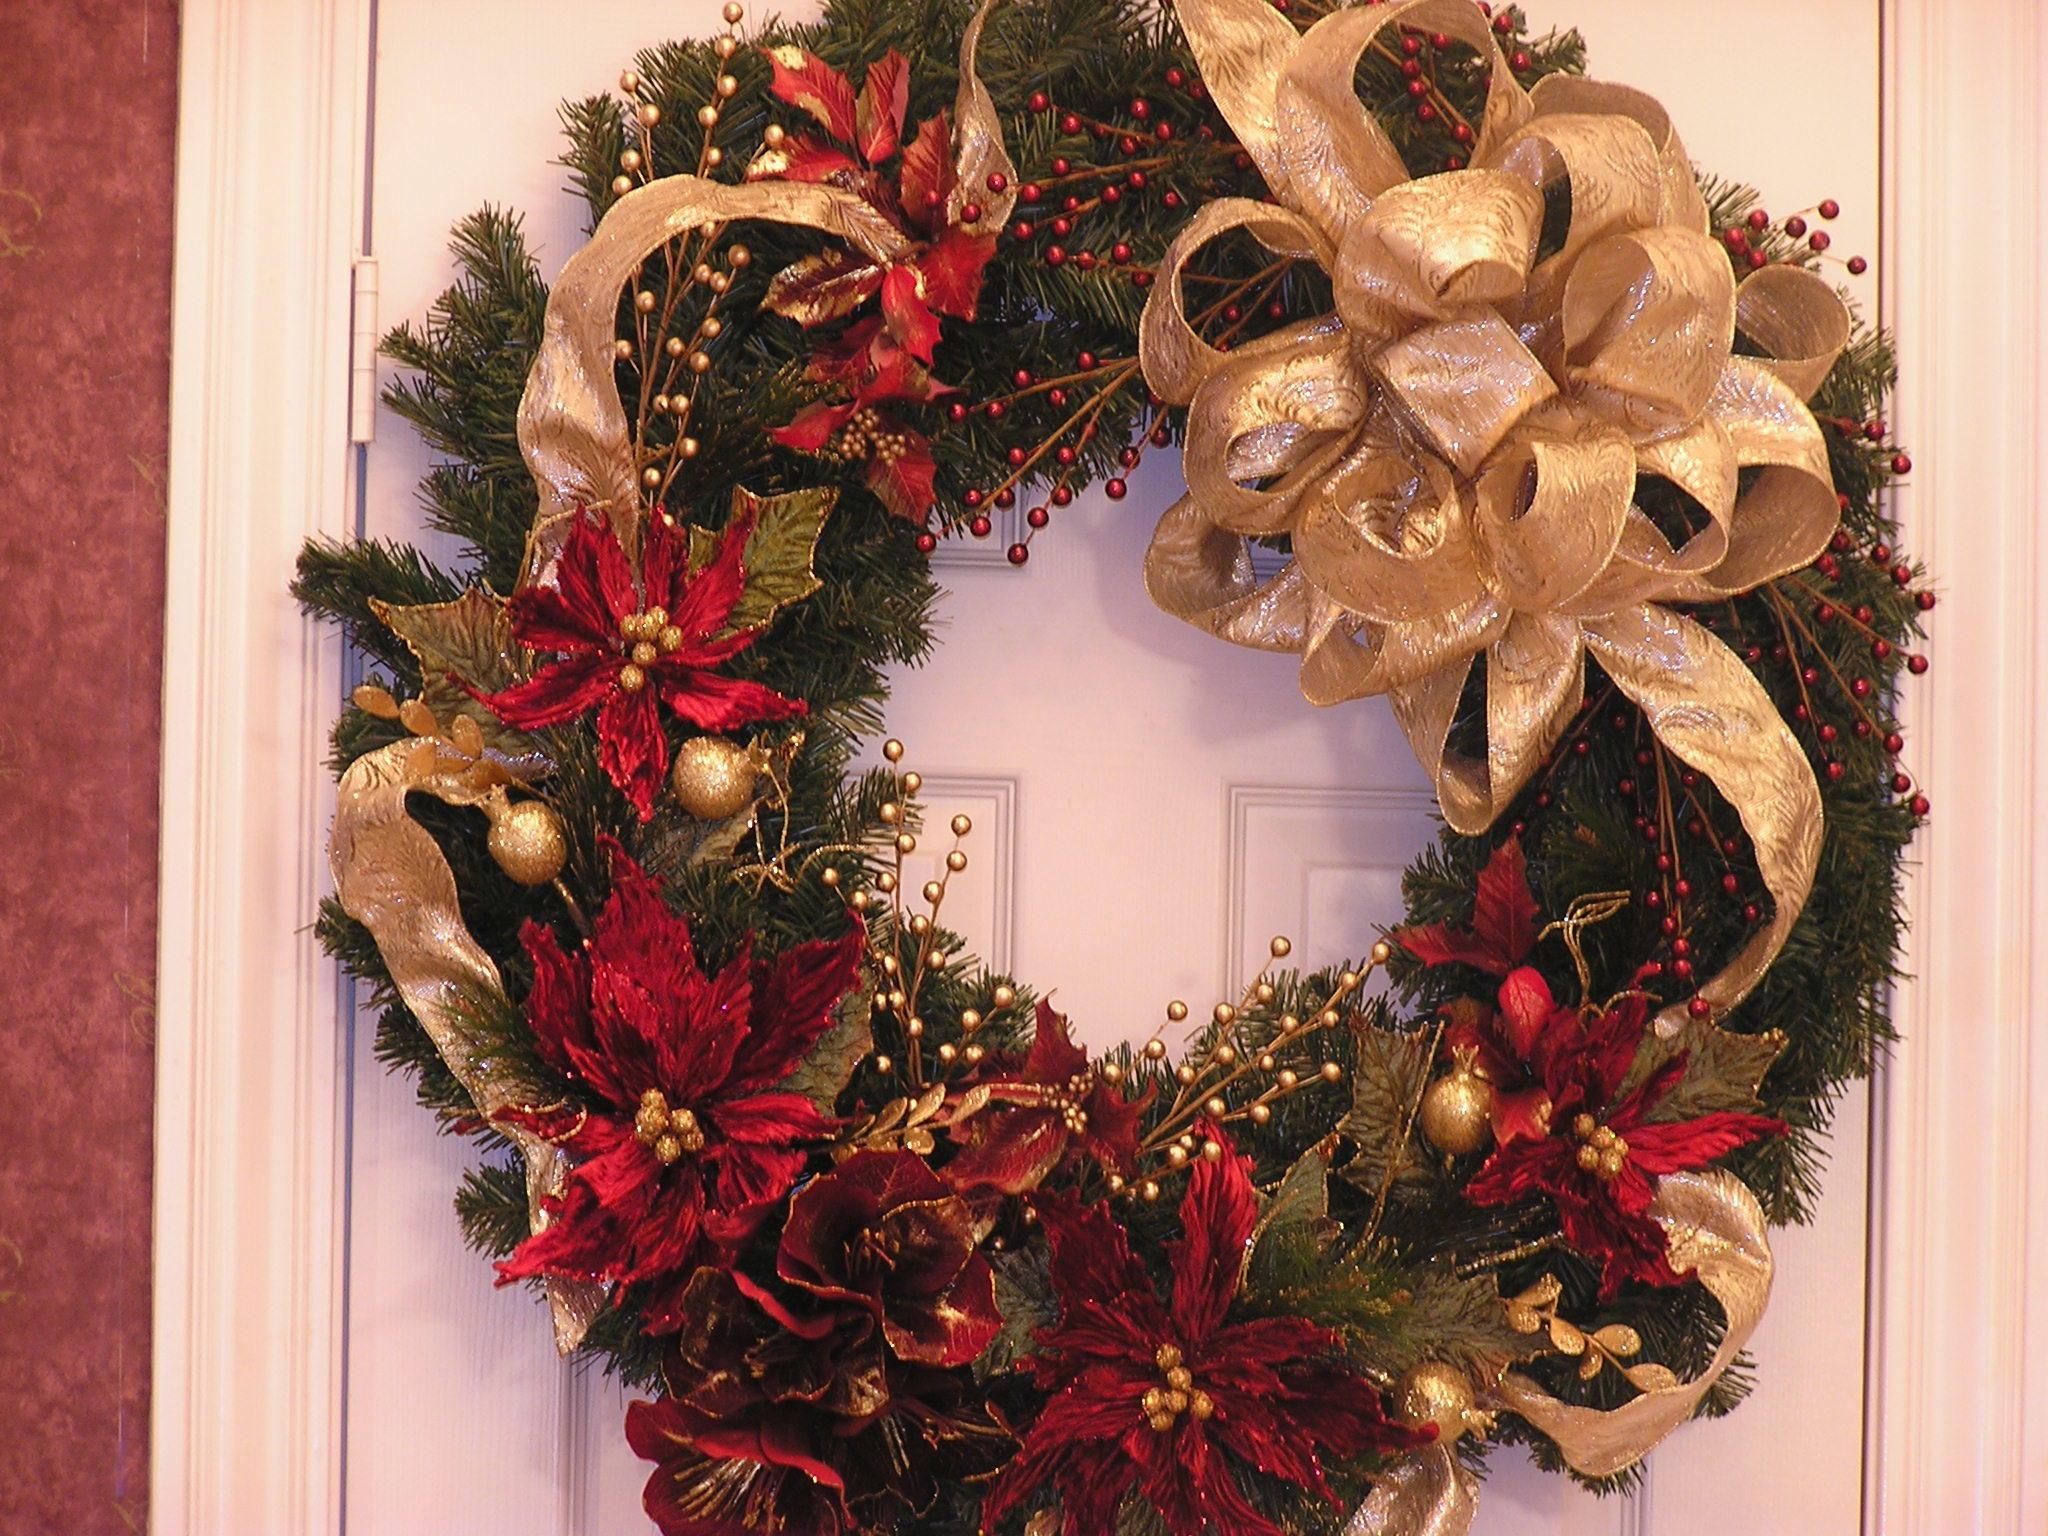 hübscher Türkranz Weihnachten mit Weihnachtssternen und goldenen Schleifen